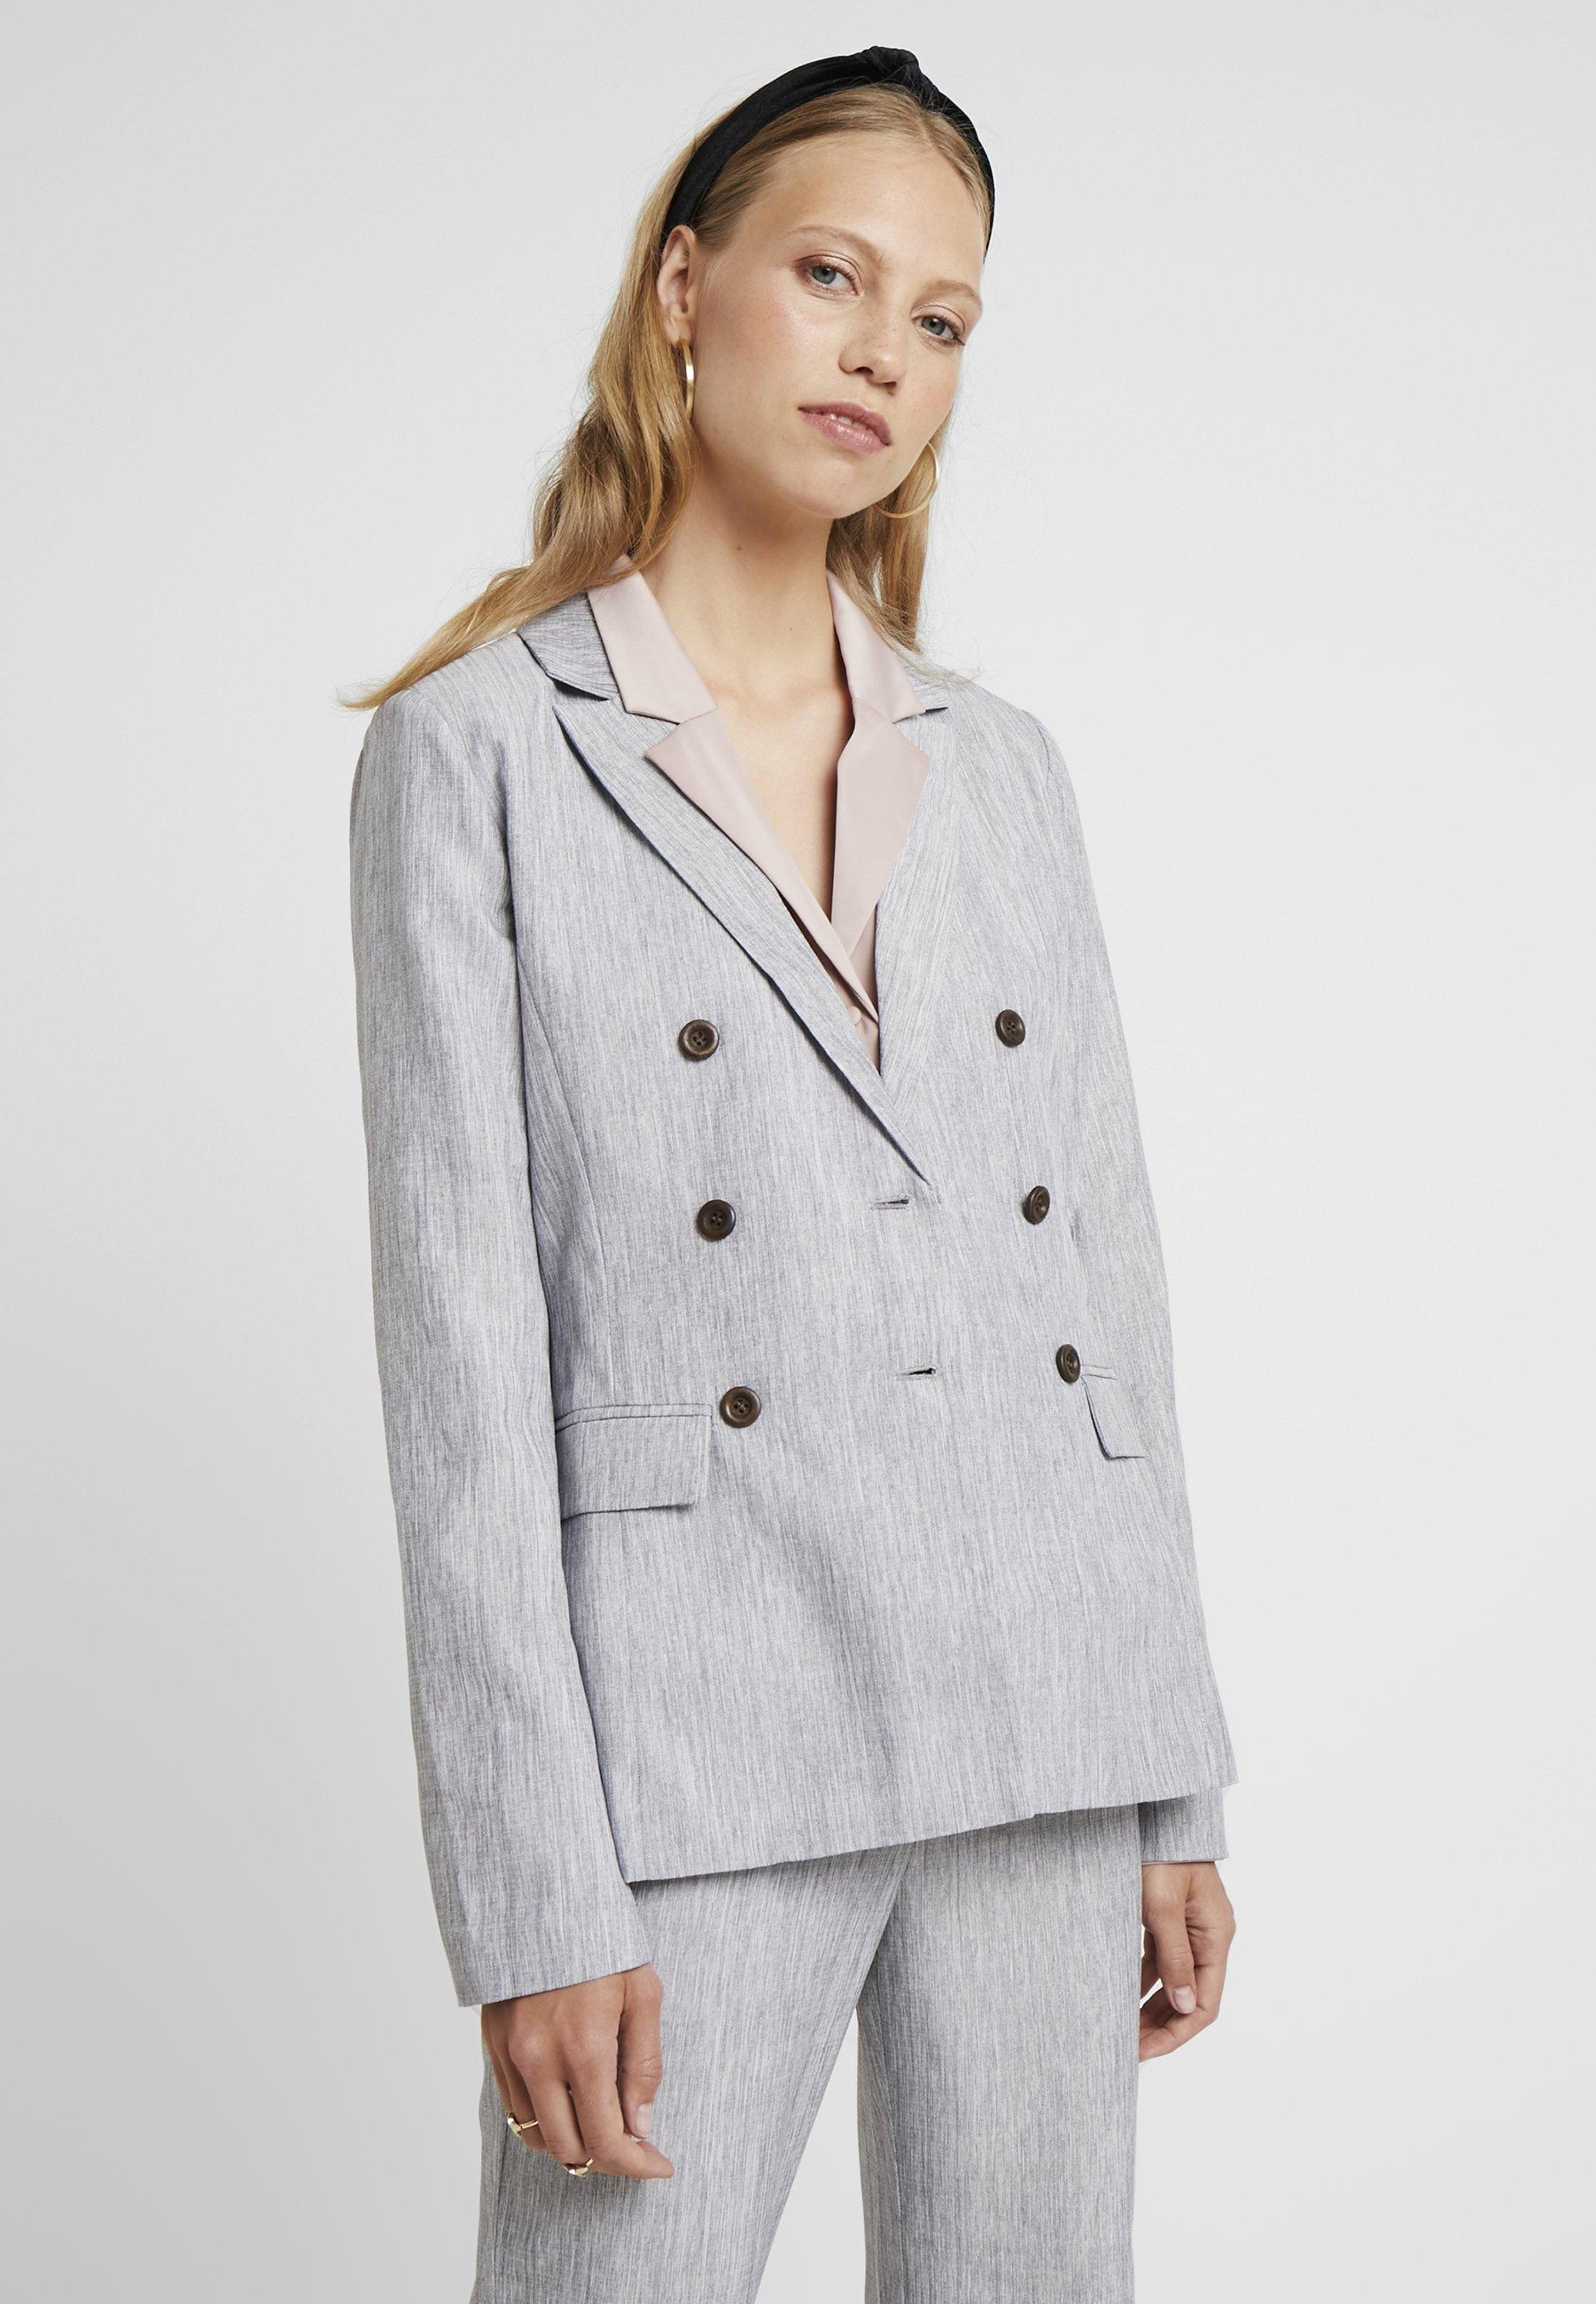 Grey Fashion NerdyBlazer Tall Union Fashion 2YHWEDI9